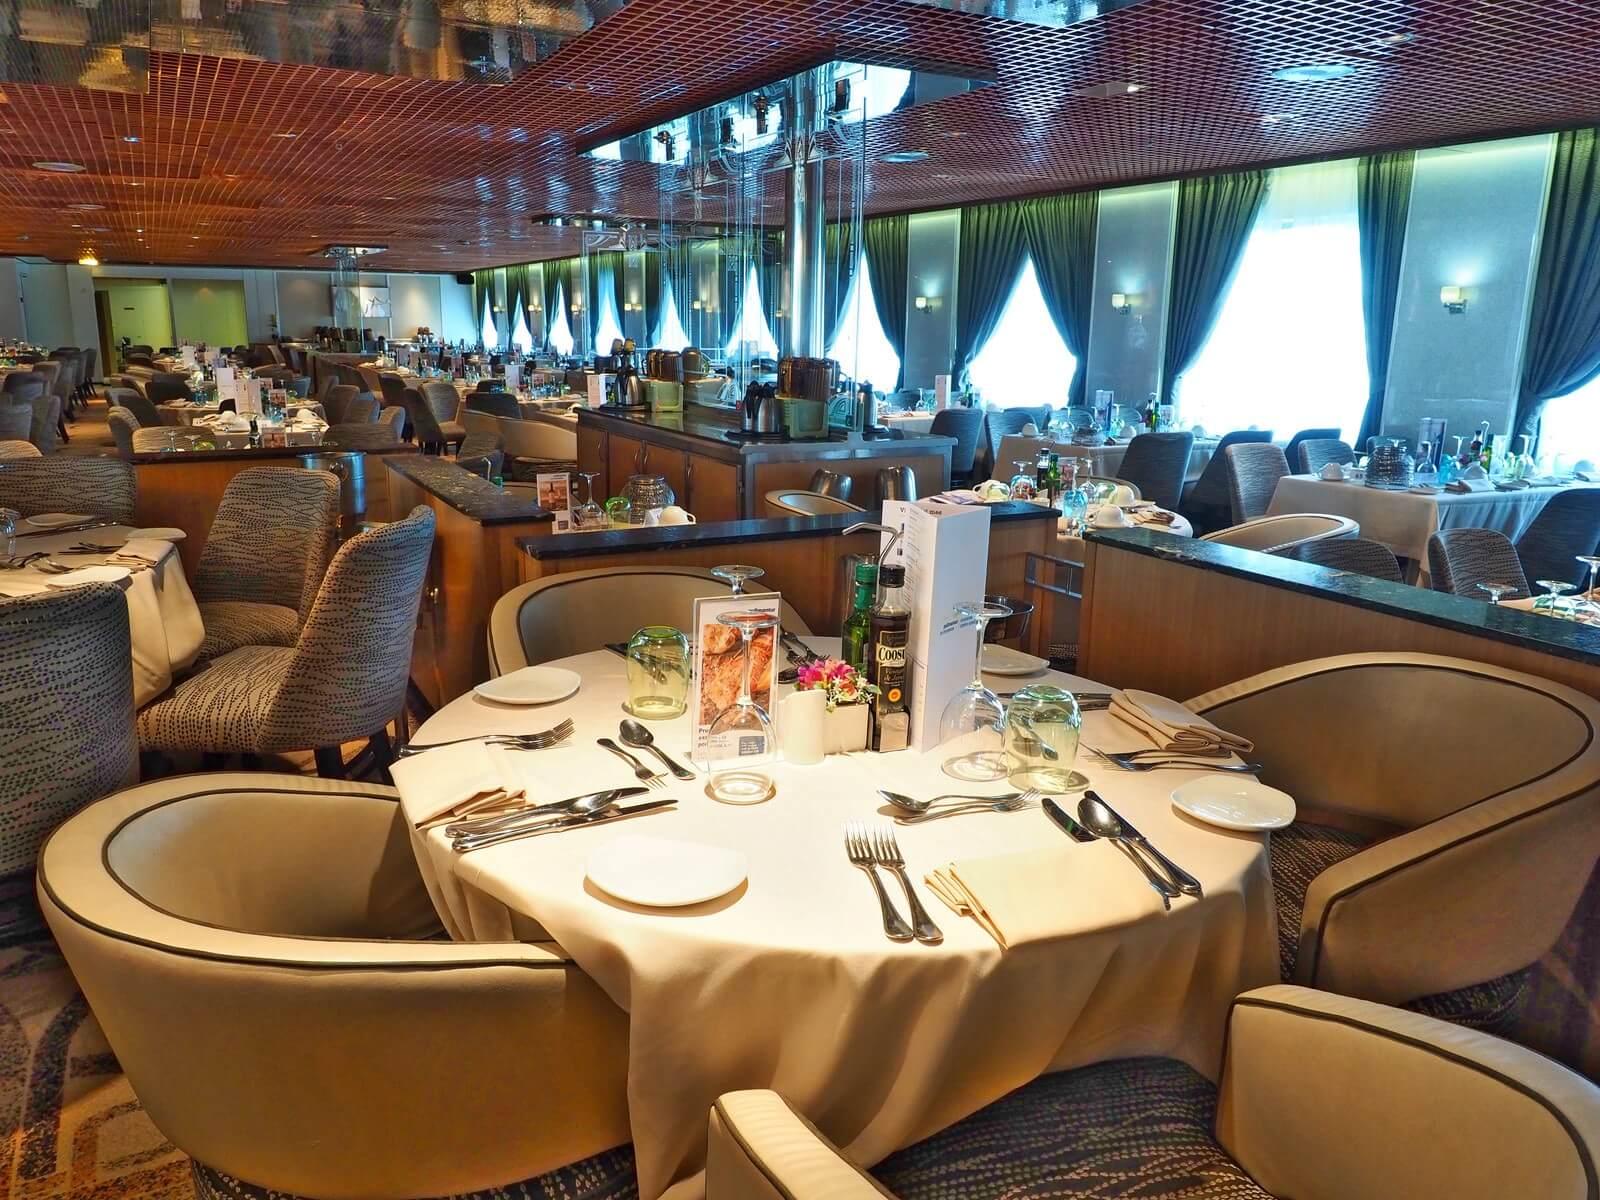 ピースボートプレミアム メインレストラン01